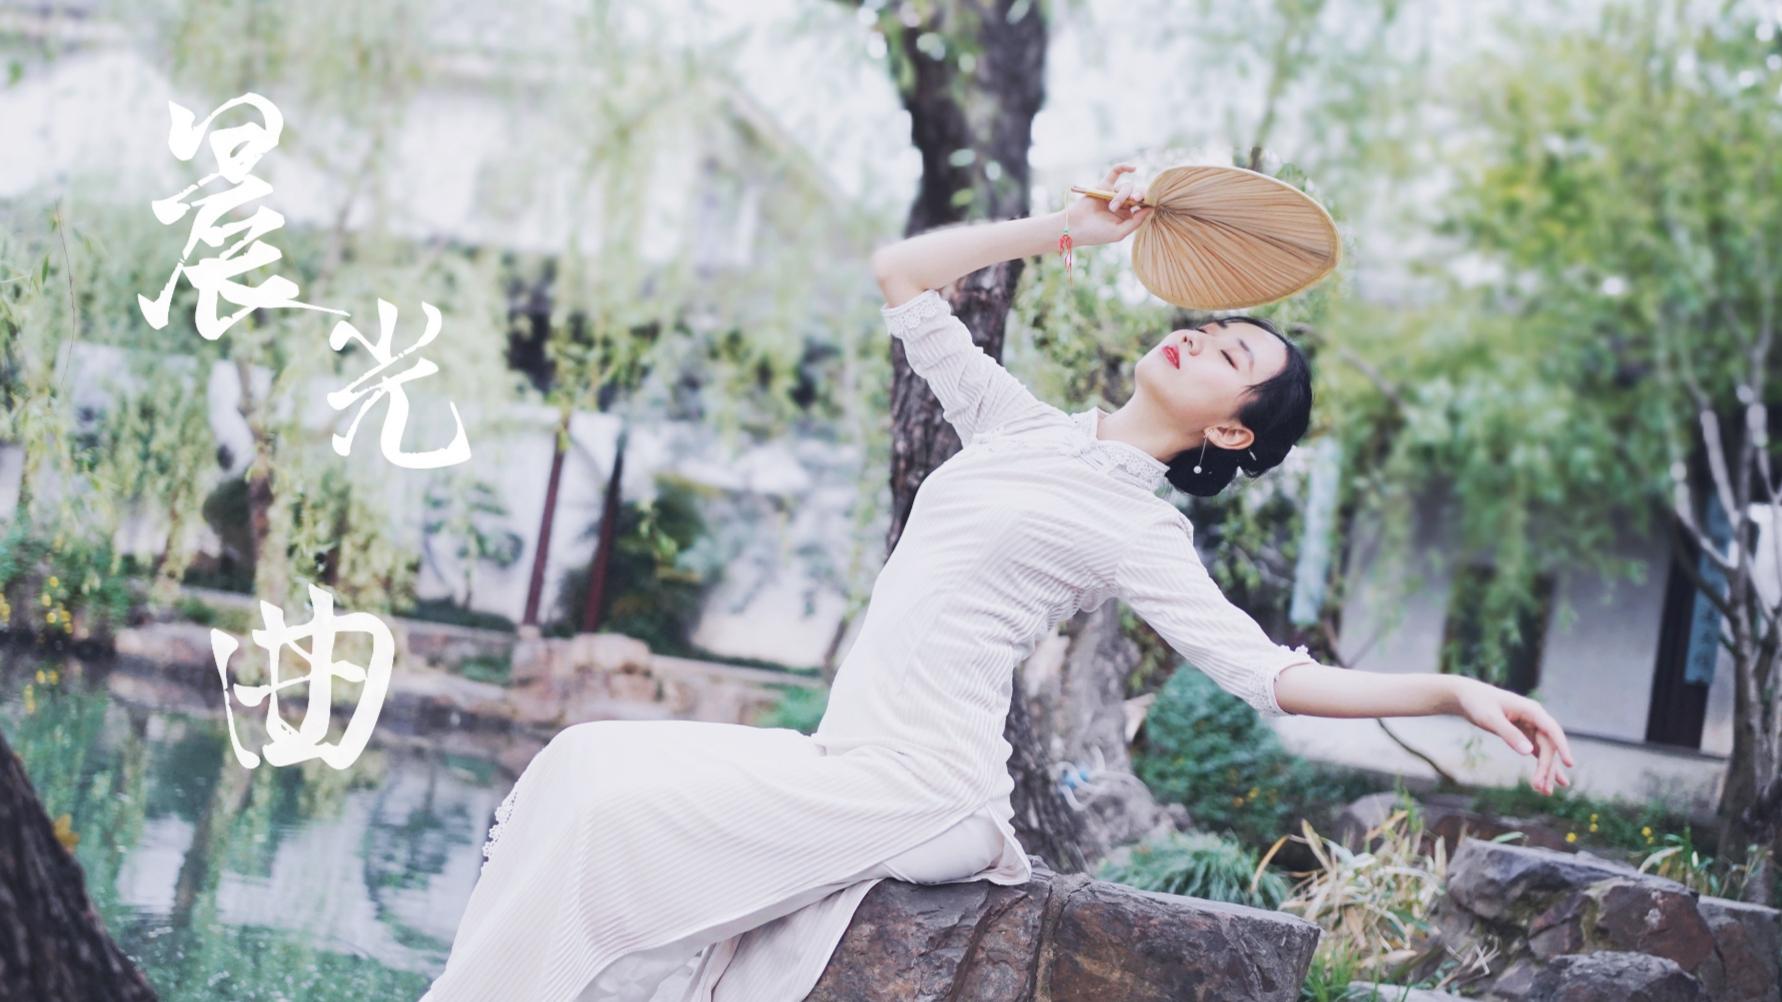 静谧的旗袍舞蹈~3:30高潮长镜控腿!央视春晚-晨光曲翻跳 久违的烟火气是否也能让你陶醉~